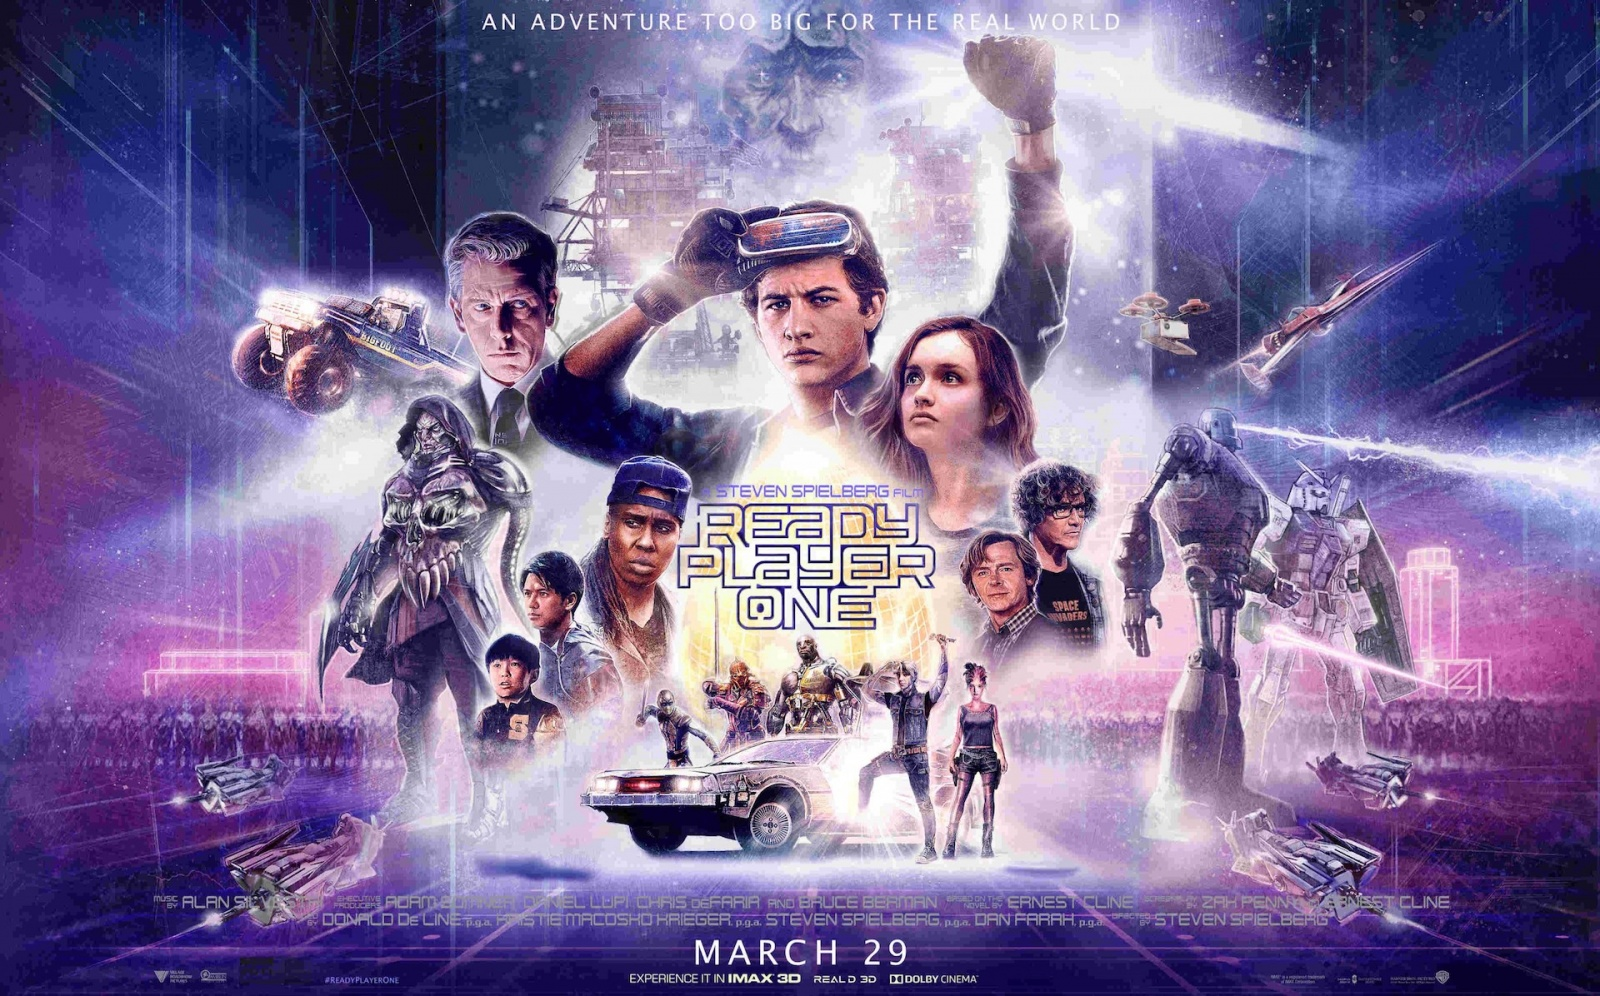 Киберпанк 2020: как развивался жанр с появления до наших дней - 12